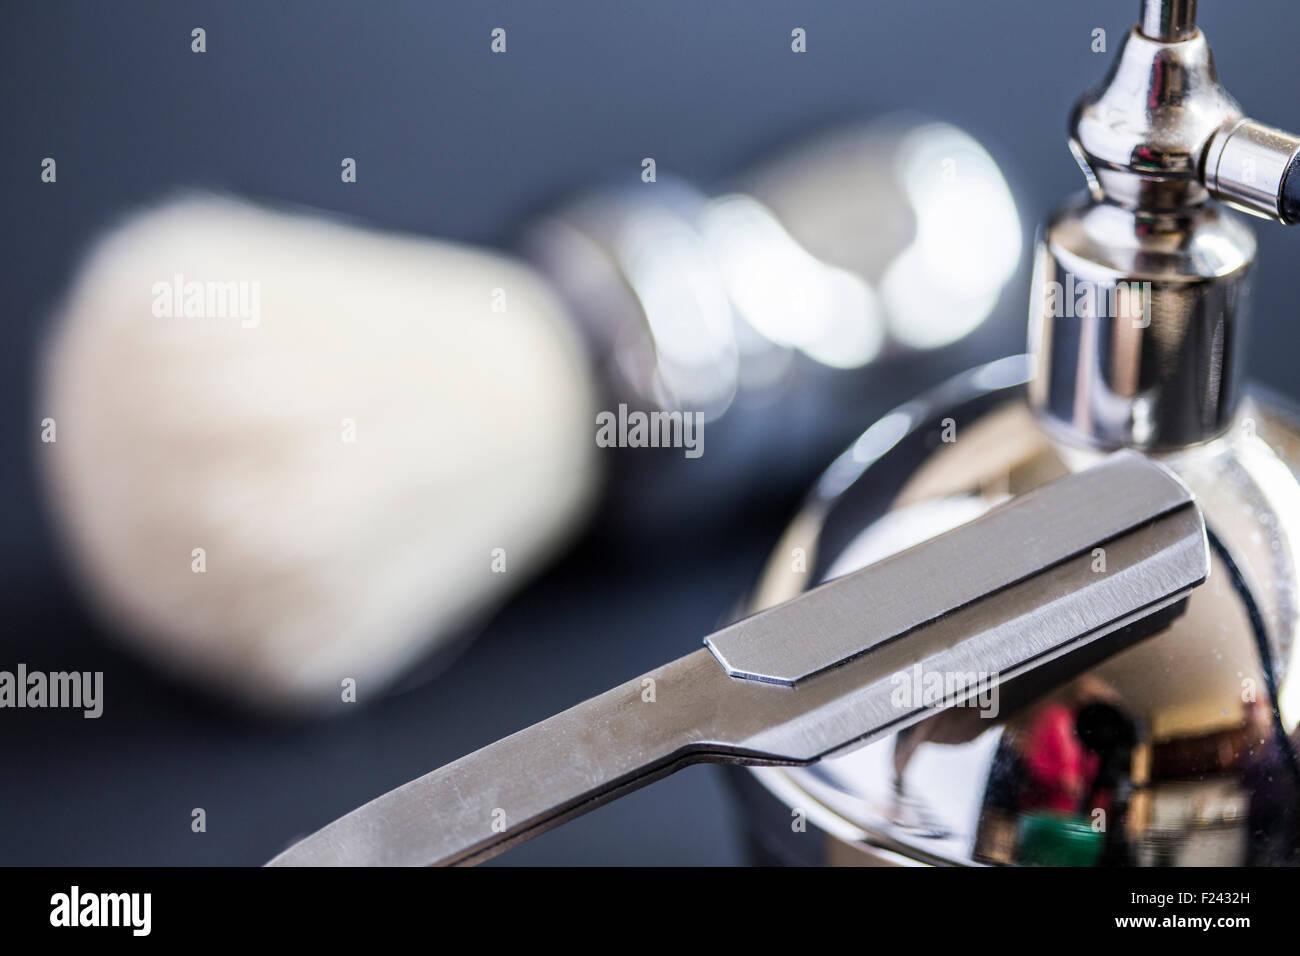 razor on vaporizer - Stock Image